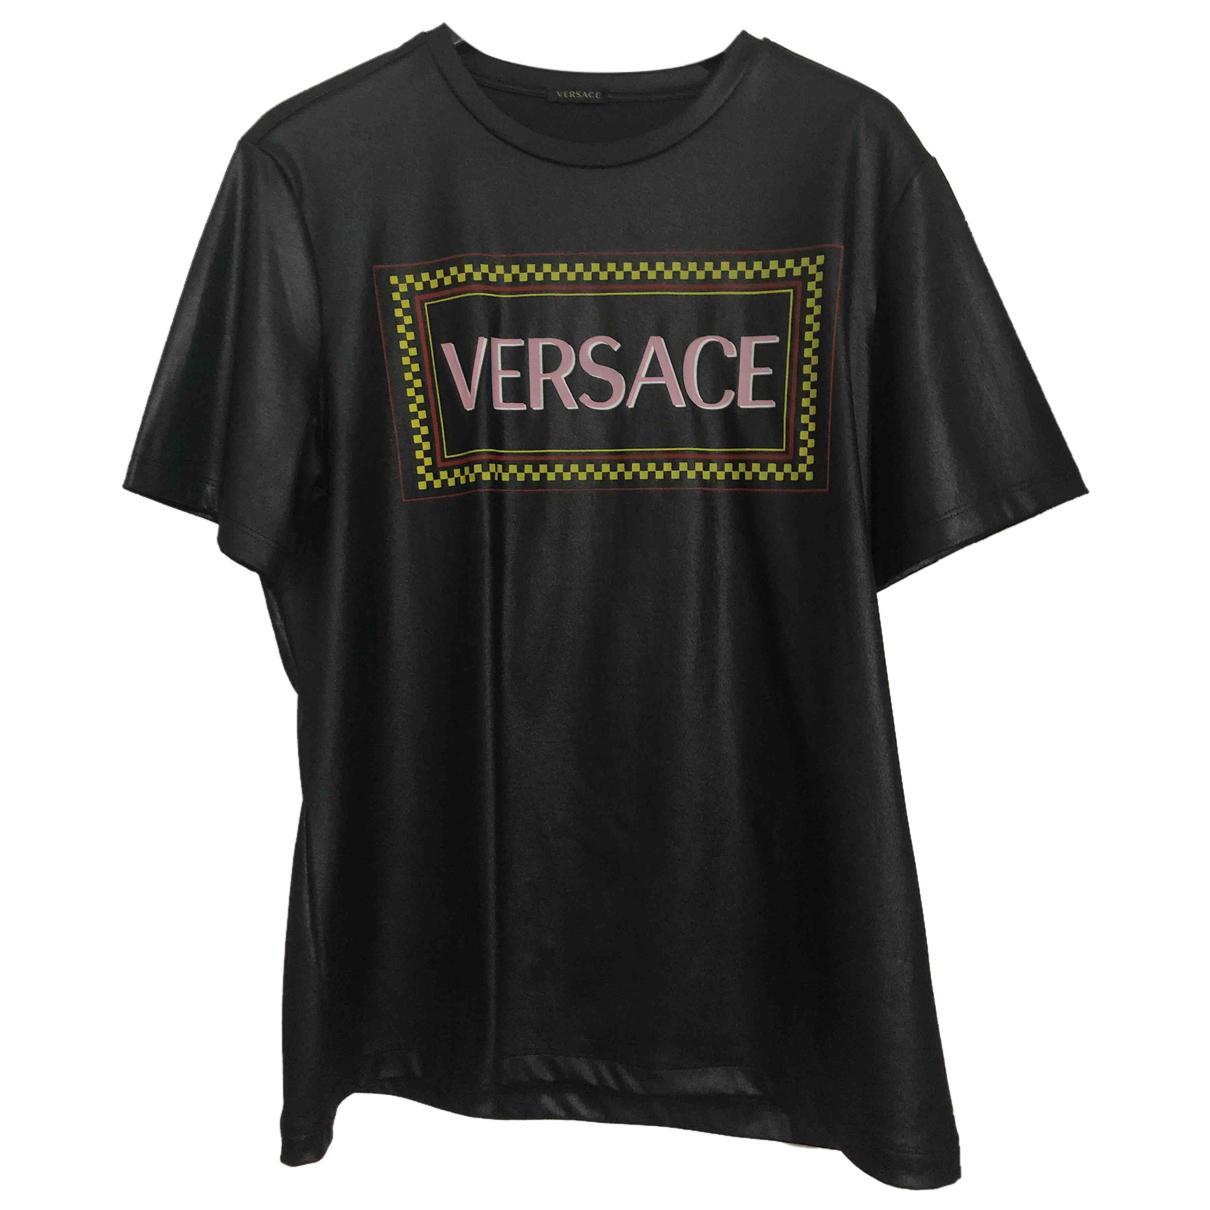 Versace - Top   pour femme en cuir verni - noir